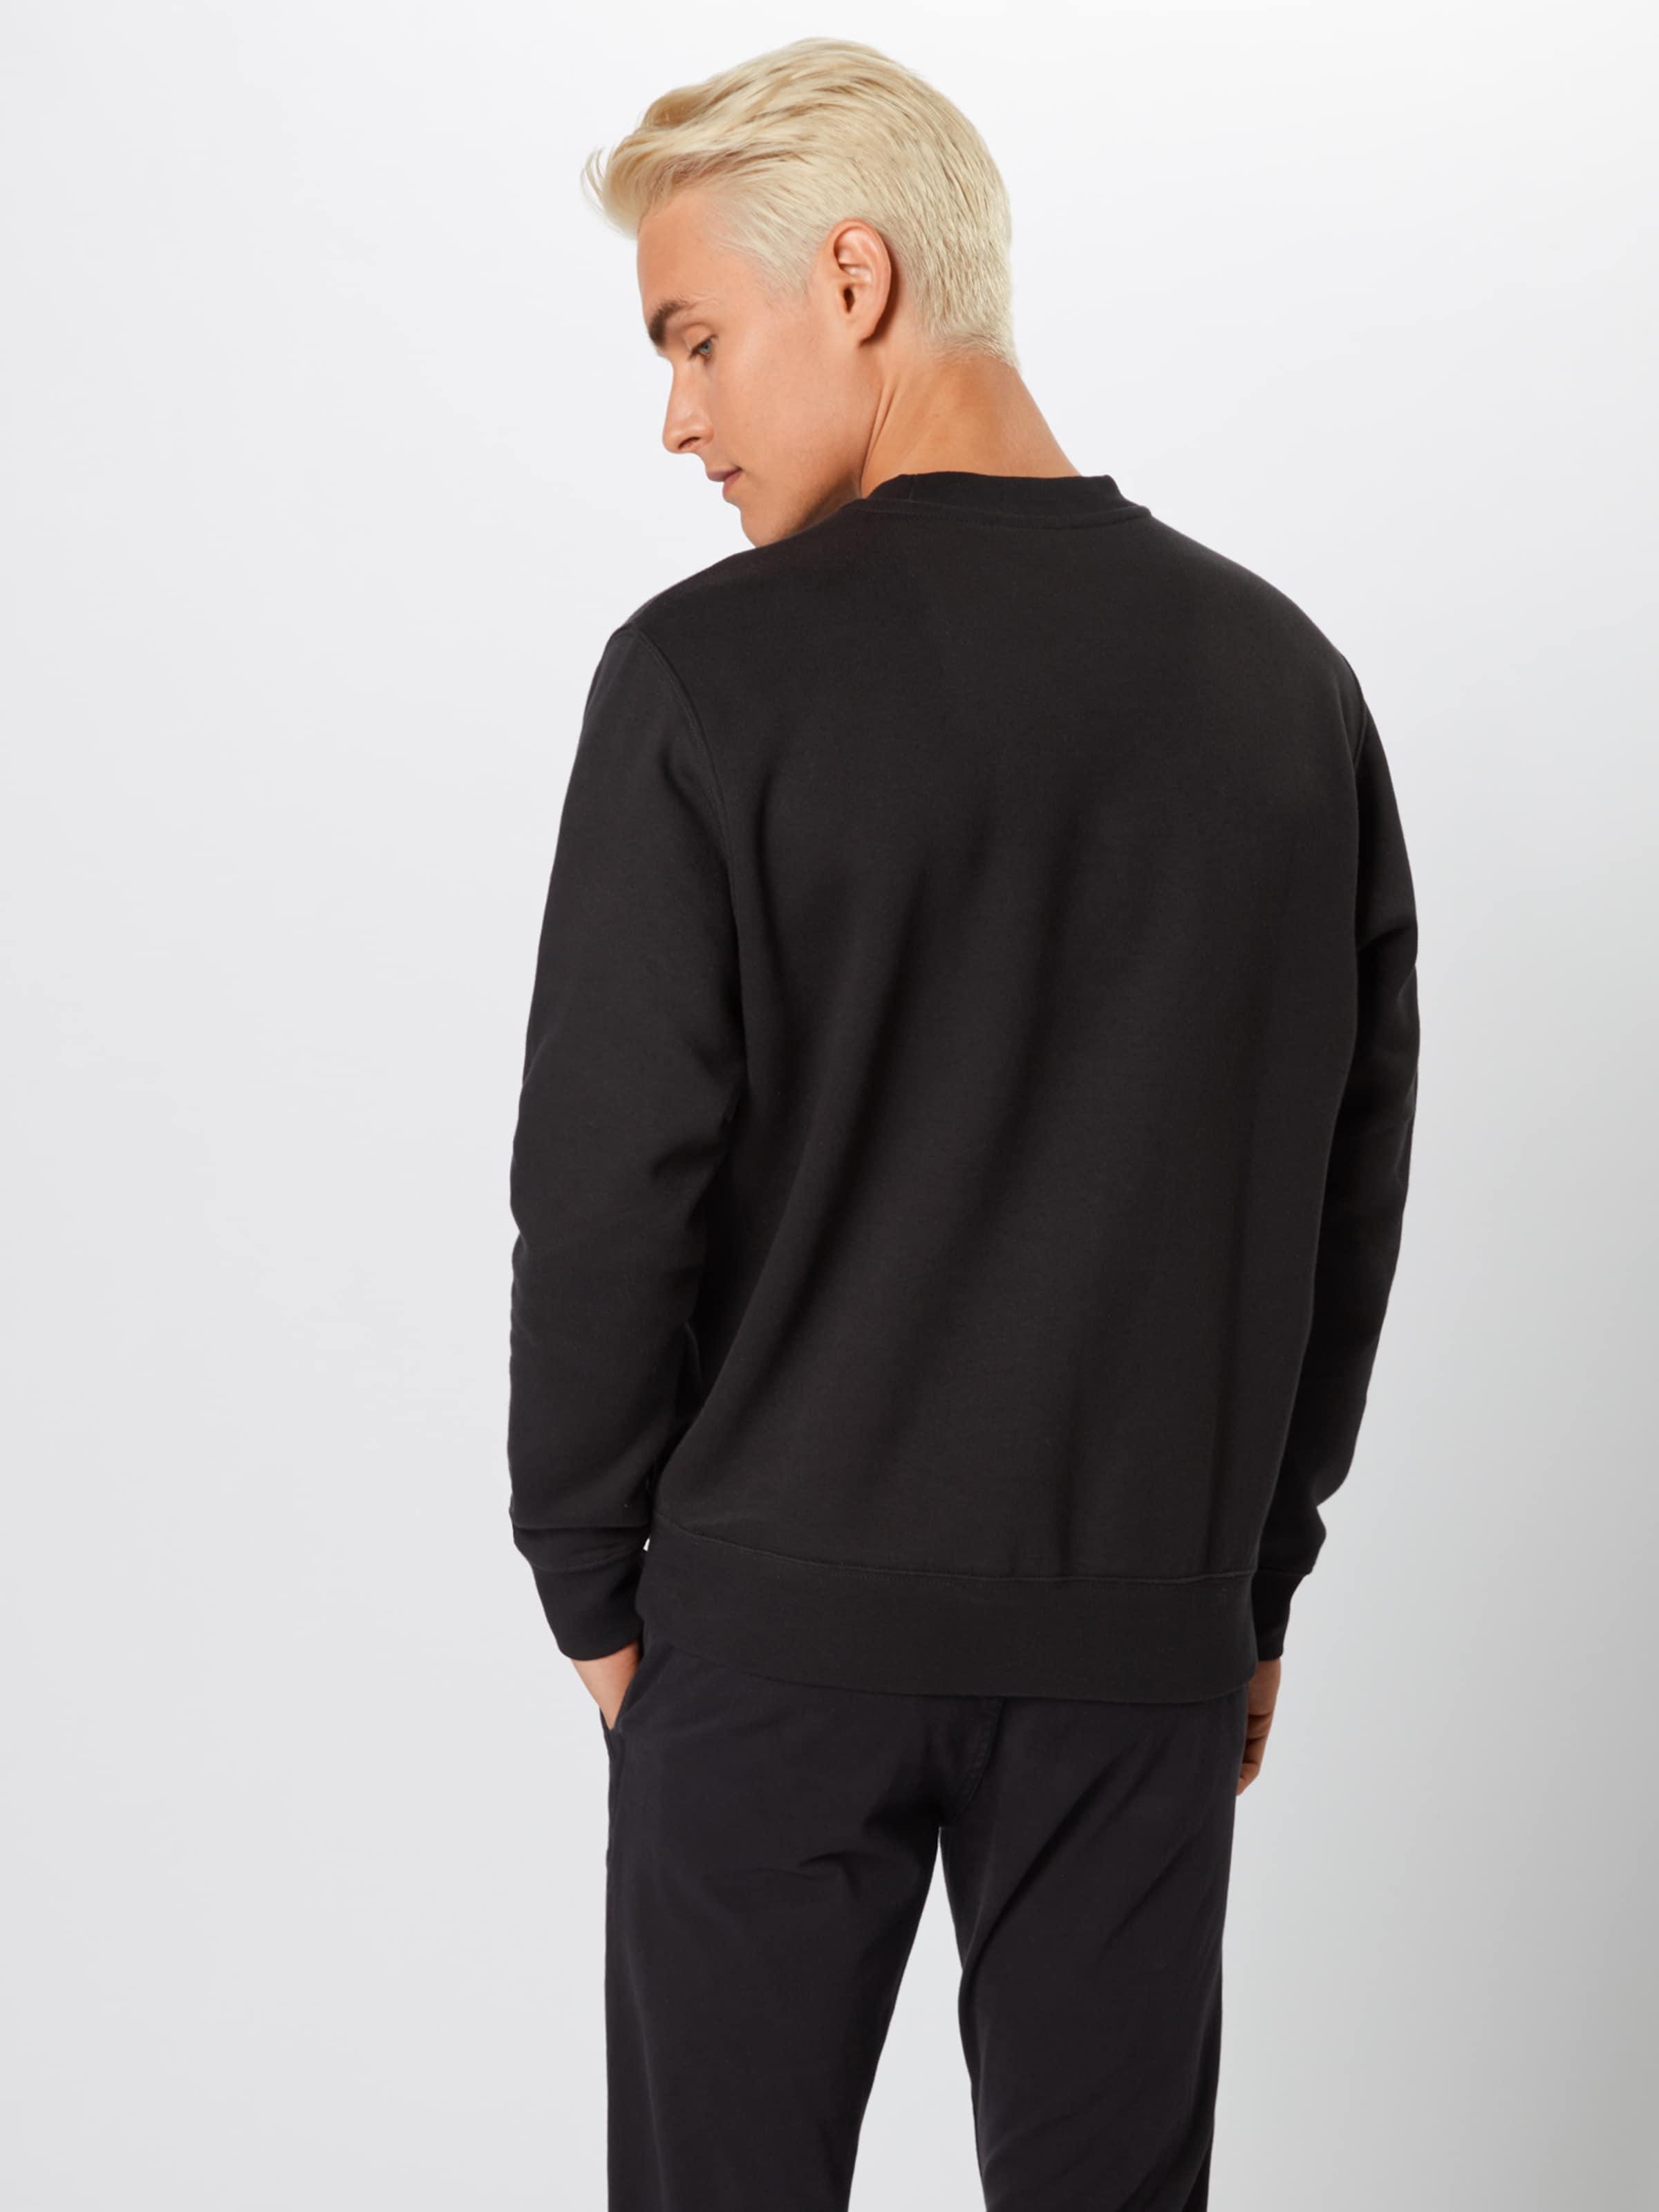 Sweatshirt Sportswear Weiß In Nike RotSchwarz 3lFu1Jc5TK